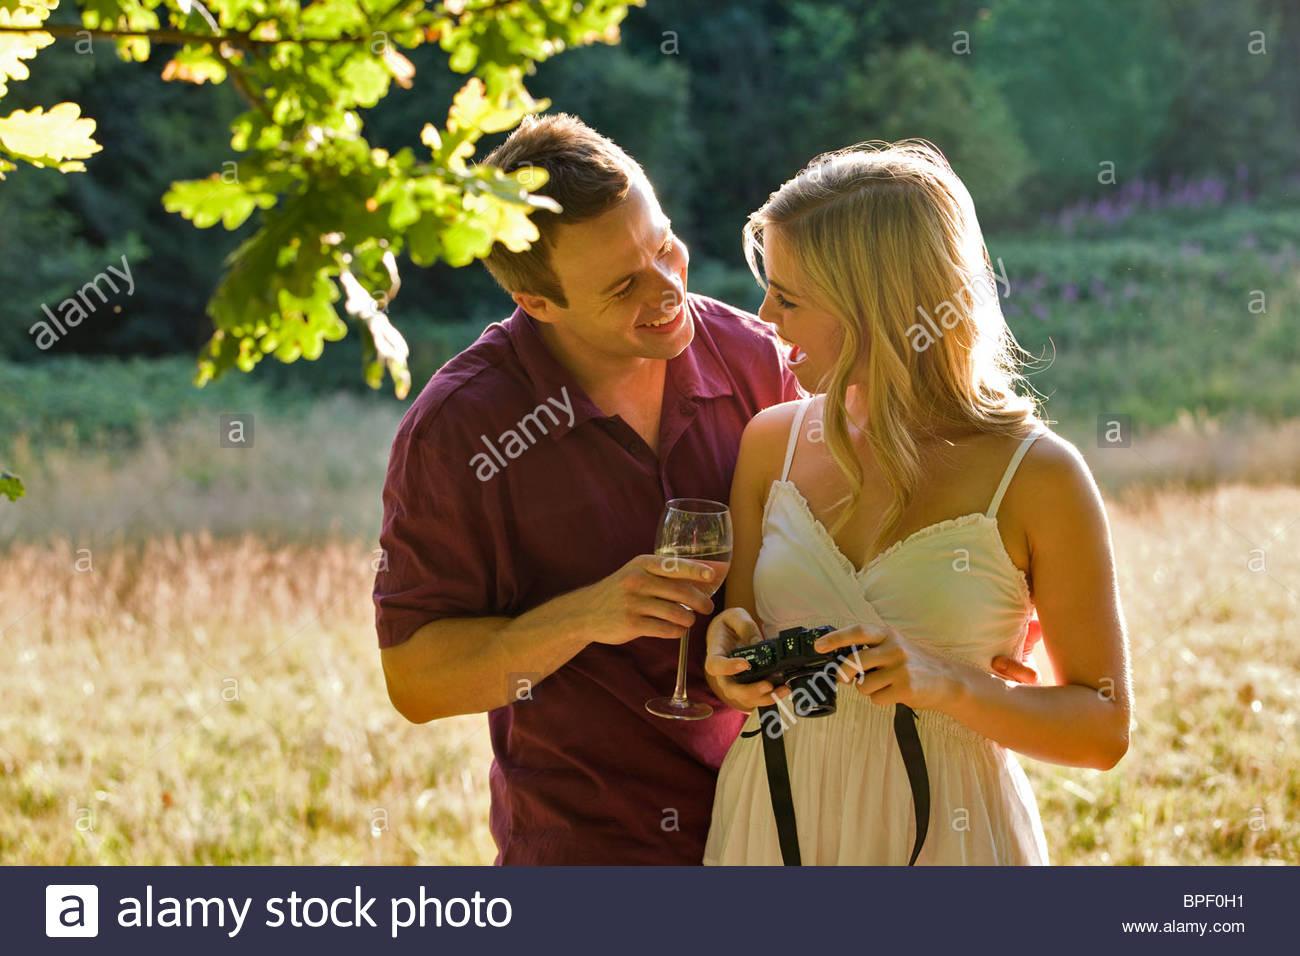 Un jeune couple à la recherche de photographies sur leur appareil photo Photo Stock